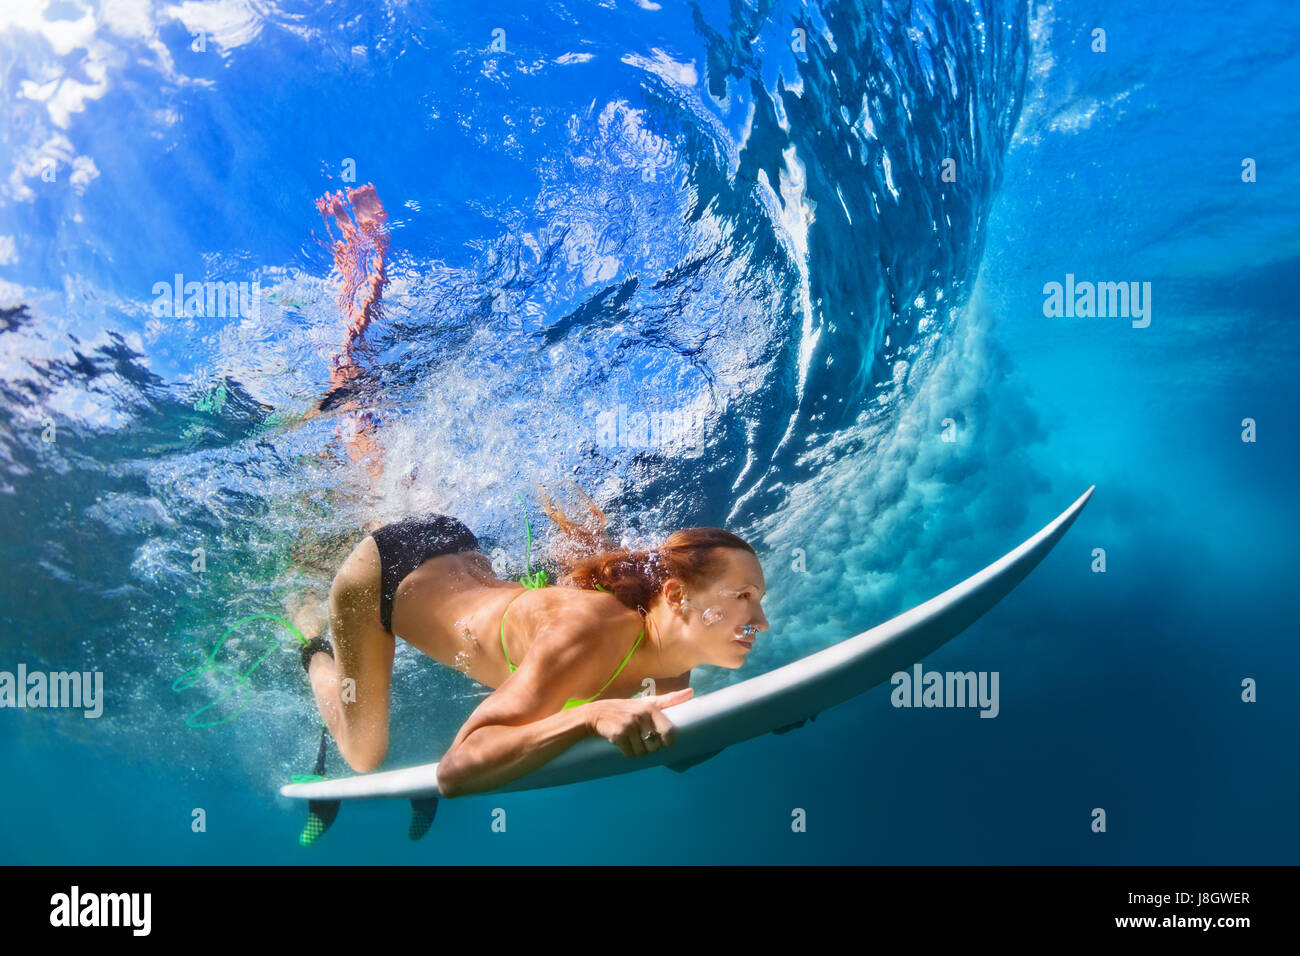 Active chica en bikini en acción. Surfer mujer con surf buceo bajo submarino Rompiendo olas grandes. Estilo Imagen De Stock